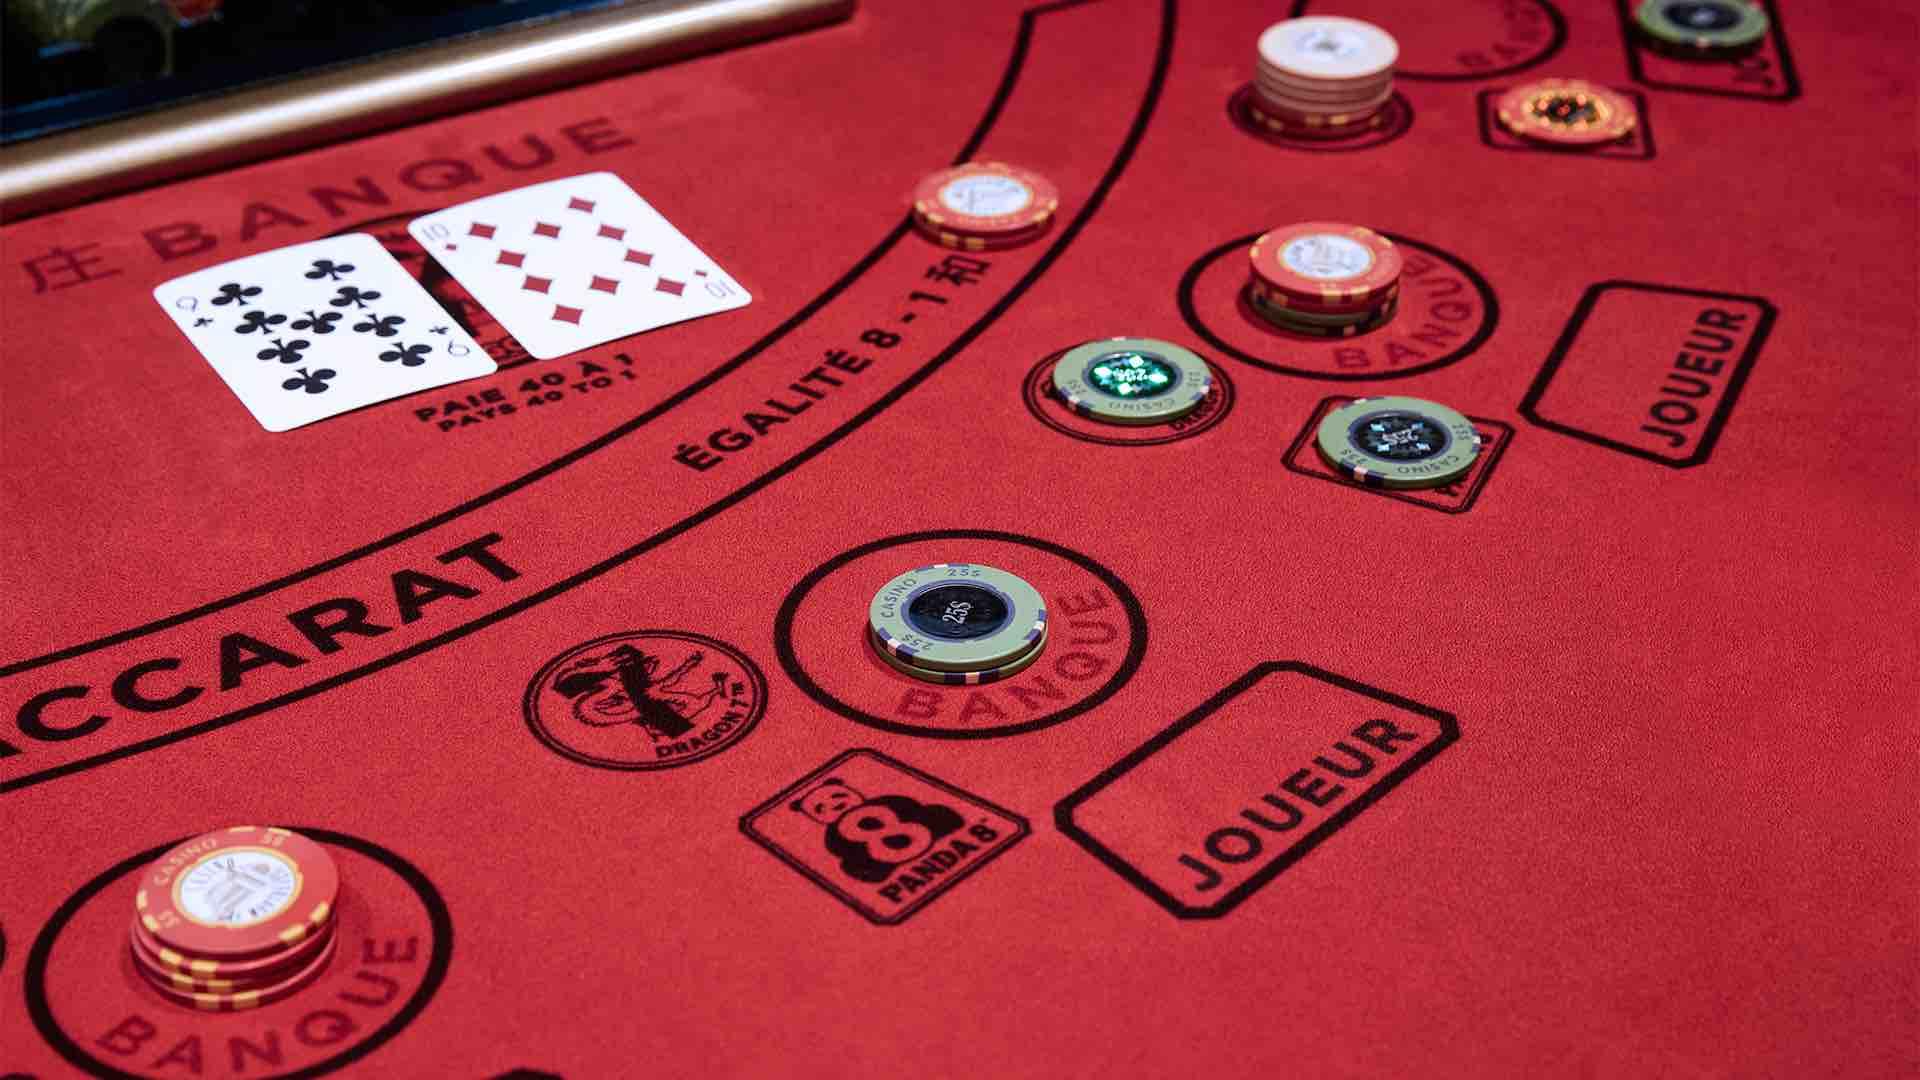 百家樂基本入門玩法、規則、算牌技巧分享